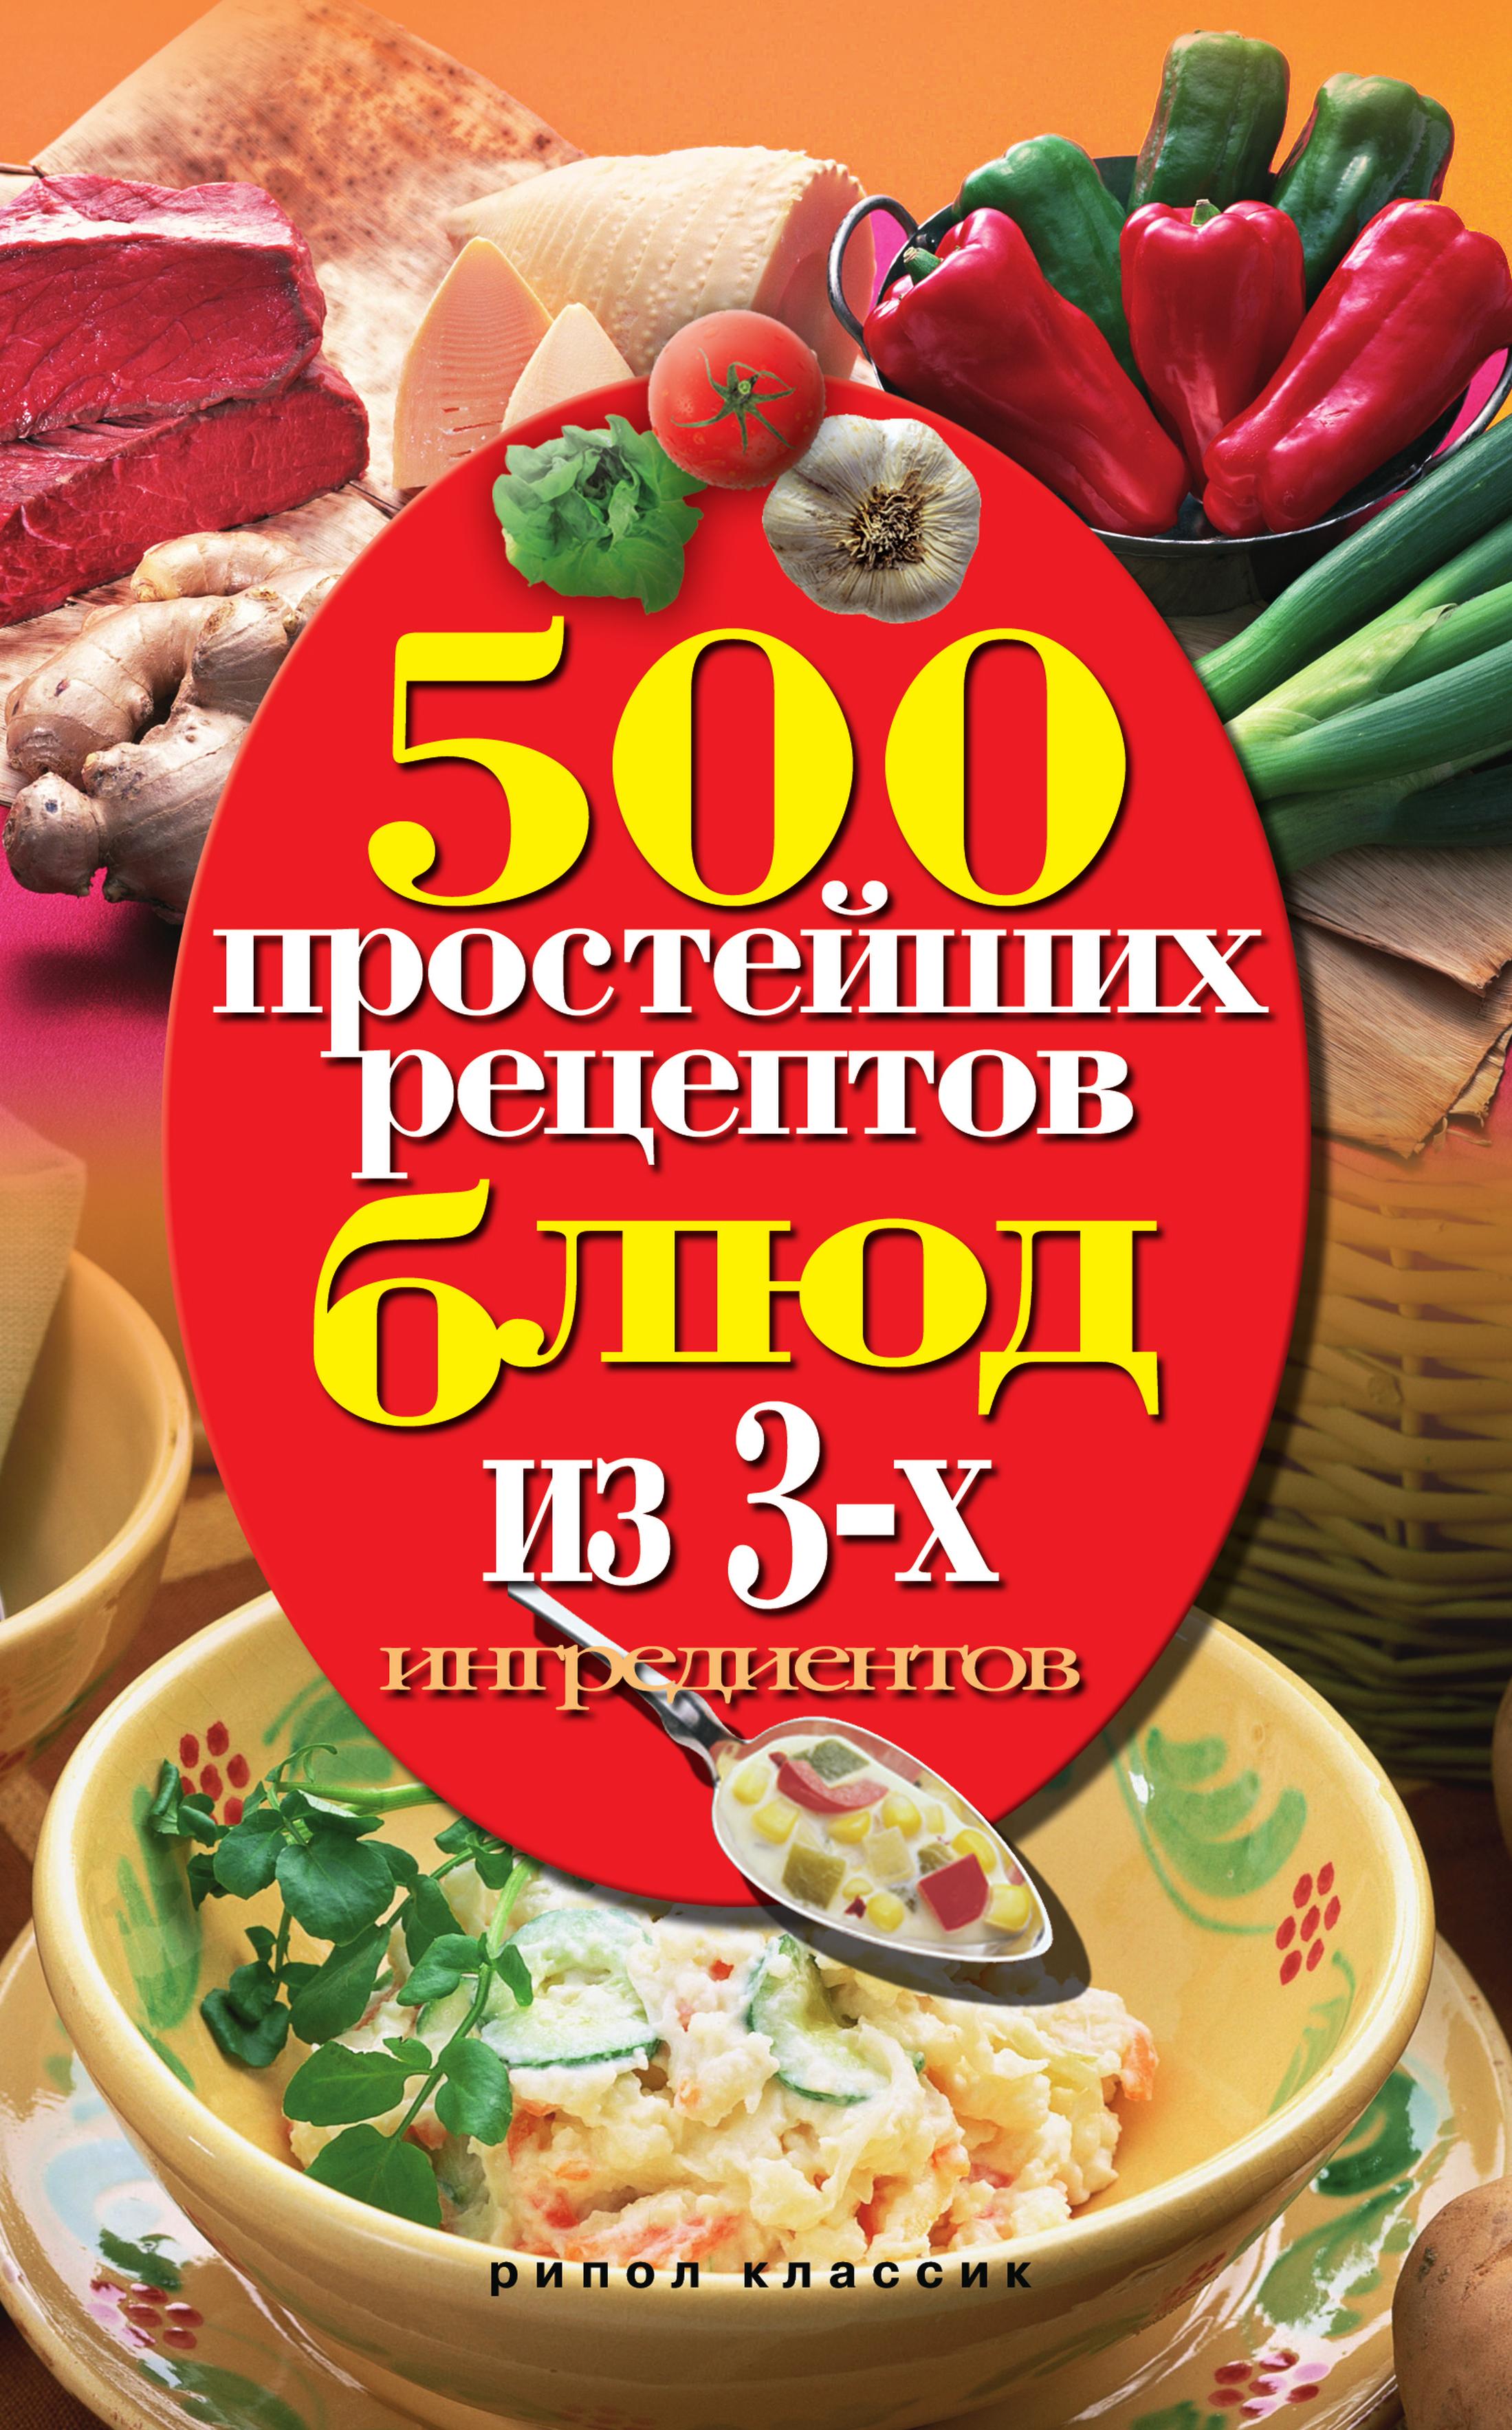 Отсутствует 500 простейших рецептов блюд из 3-х ингредиентов александра кардаш 100 самых полезных продуктов